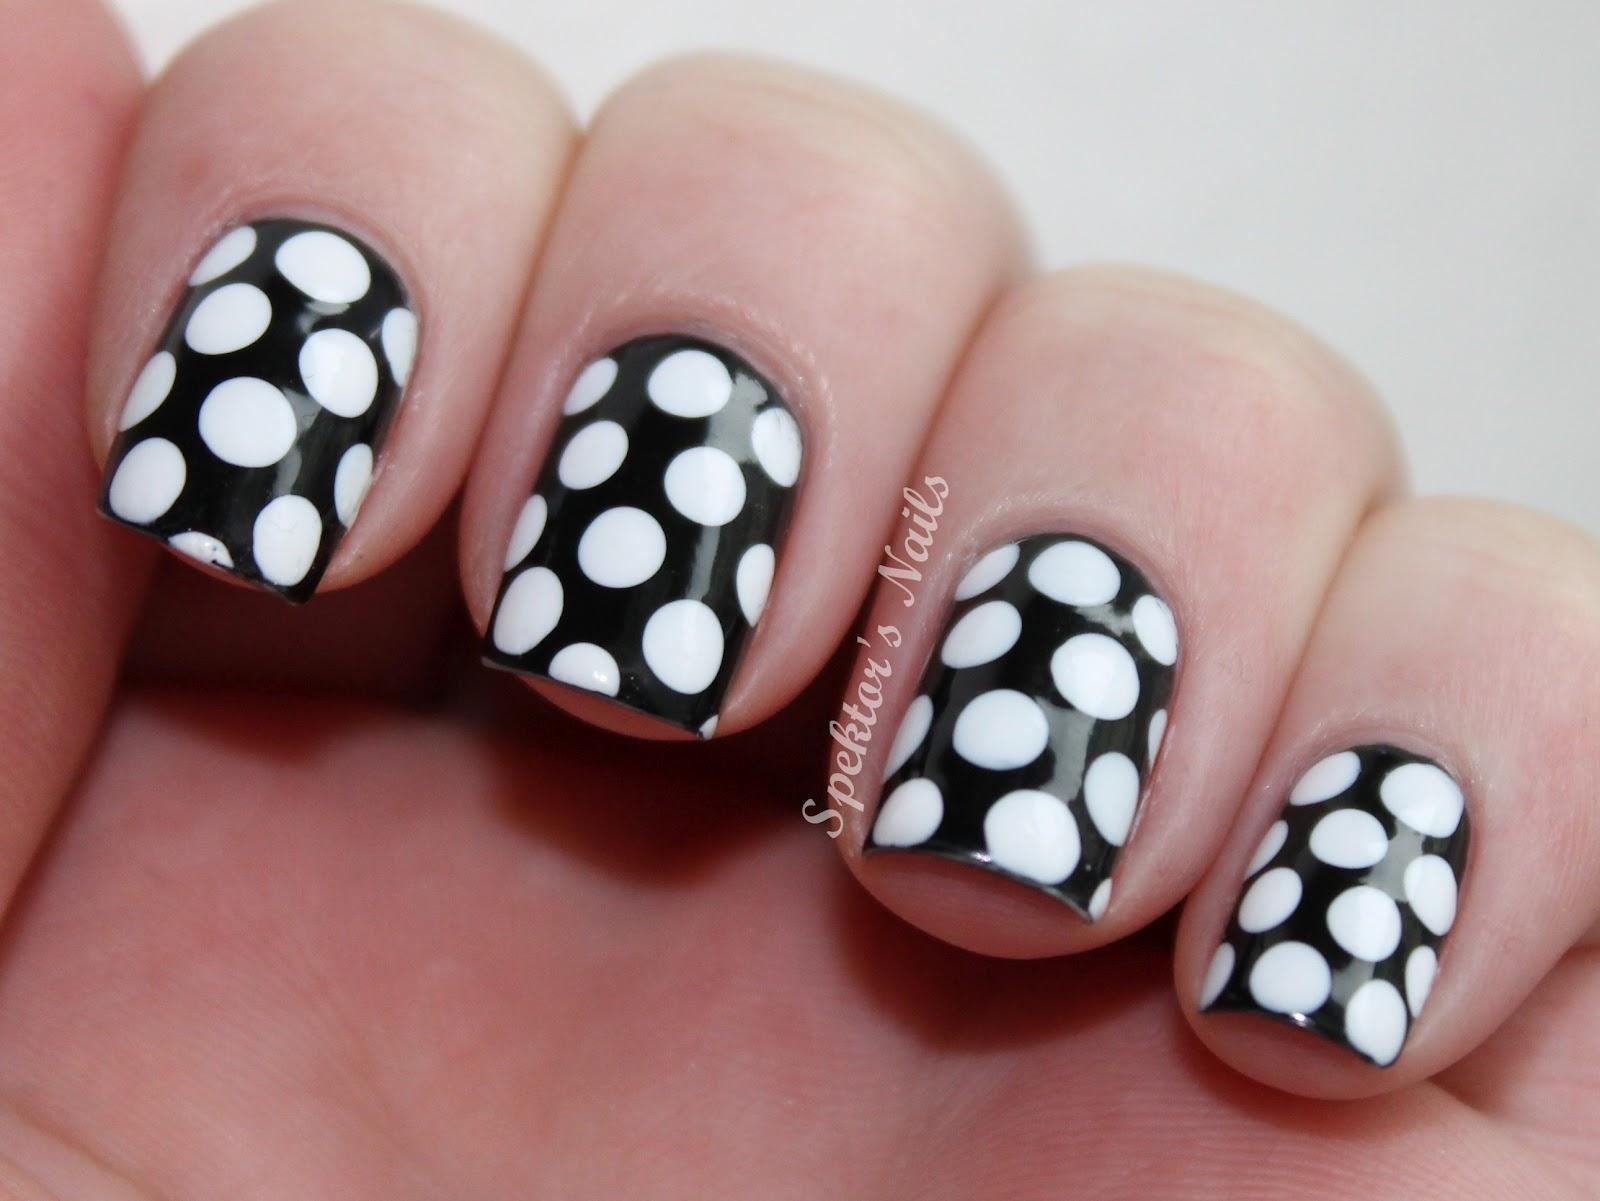 Polka Dot Nail Designs | Nail Designs, Hair Styles ...